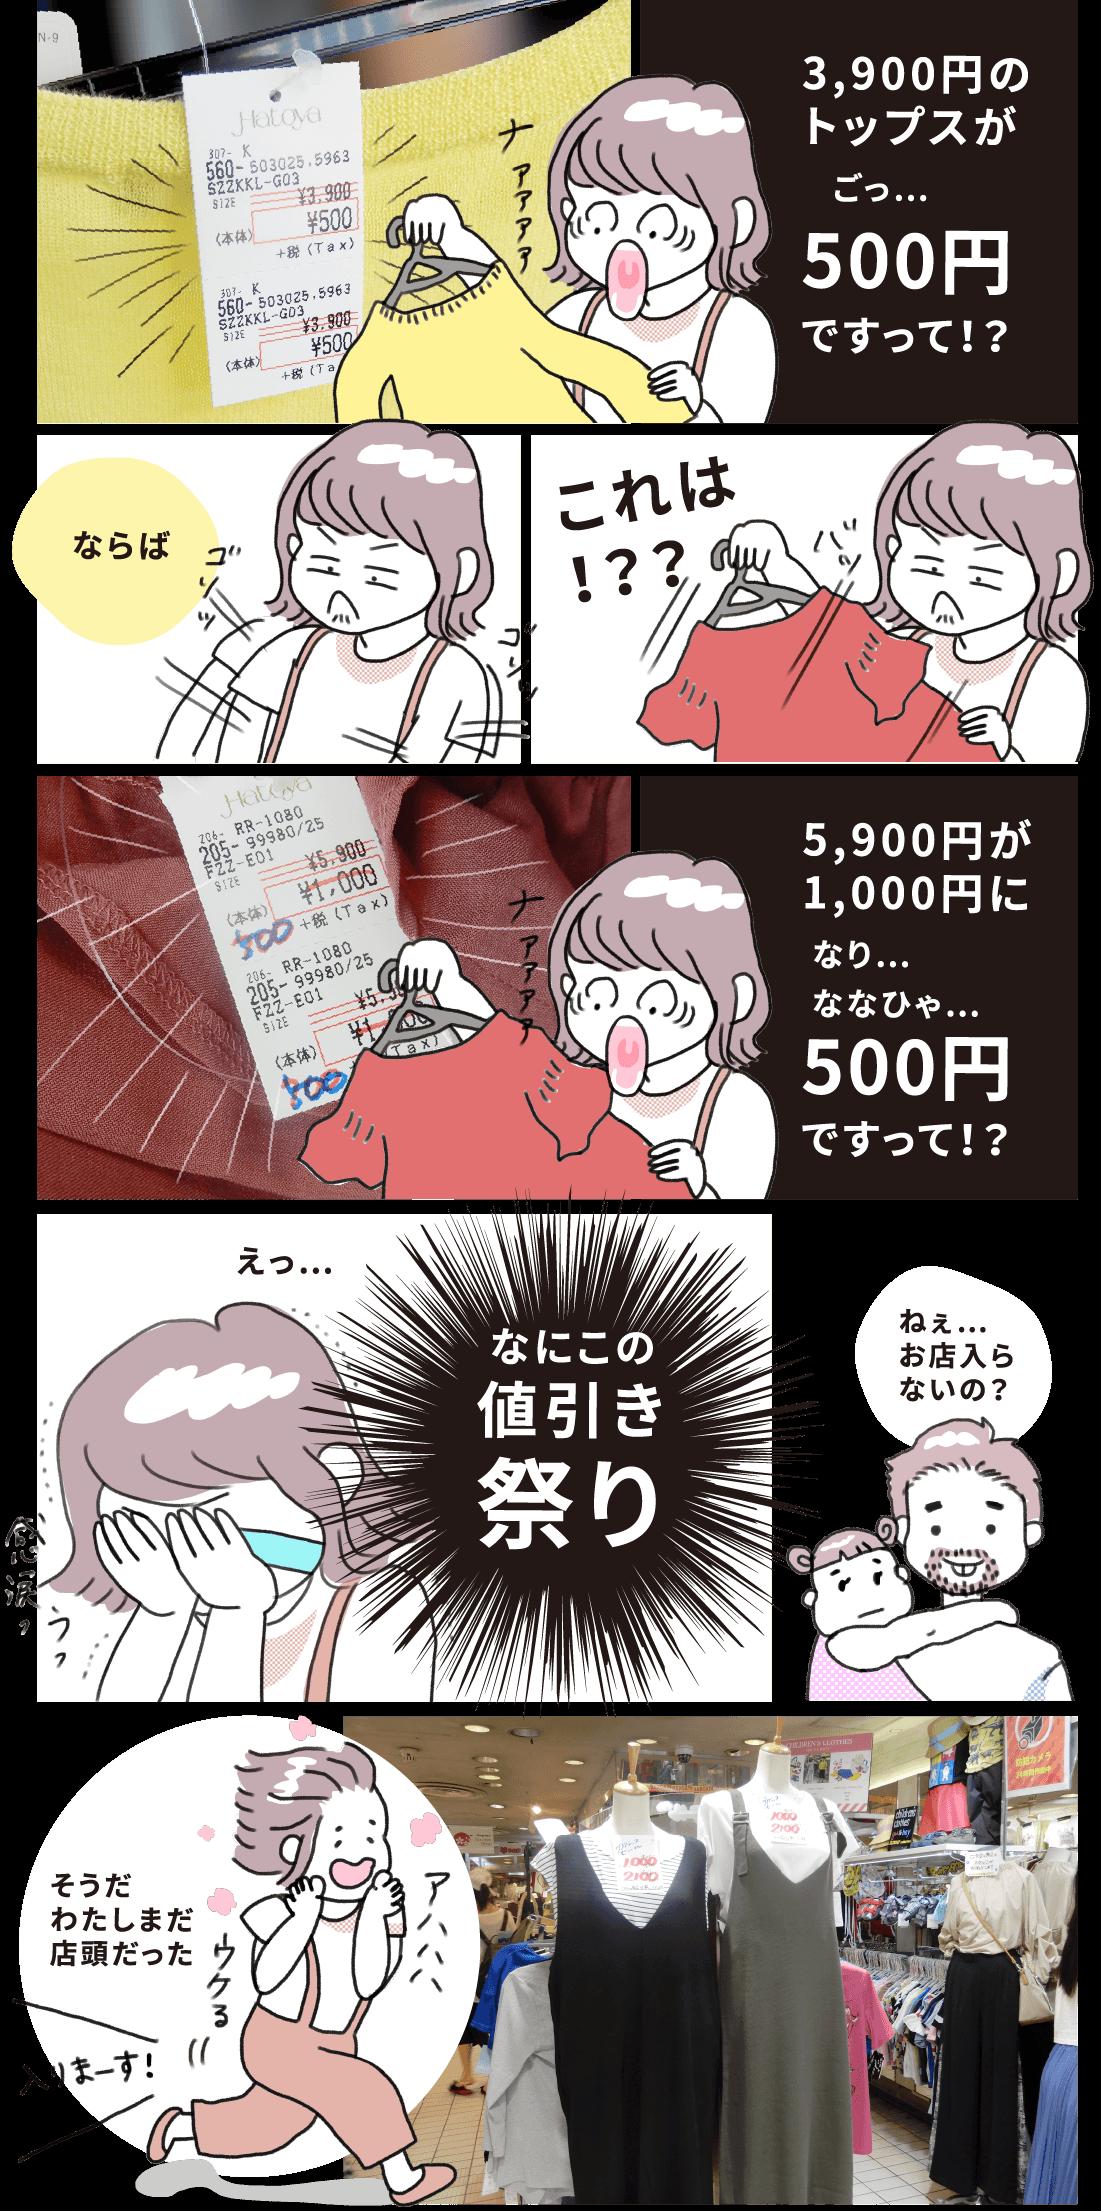 3,900円の トップスが500円!? なにこの値引き祭り